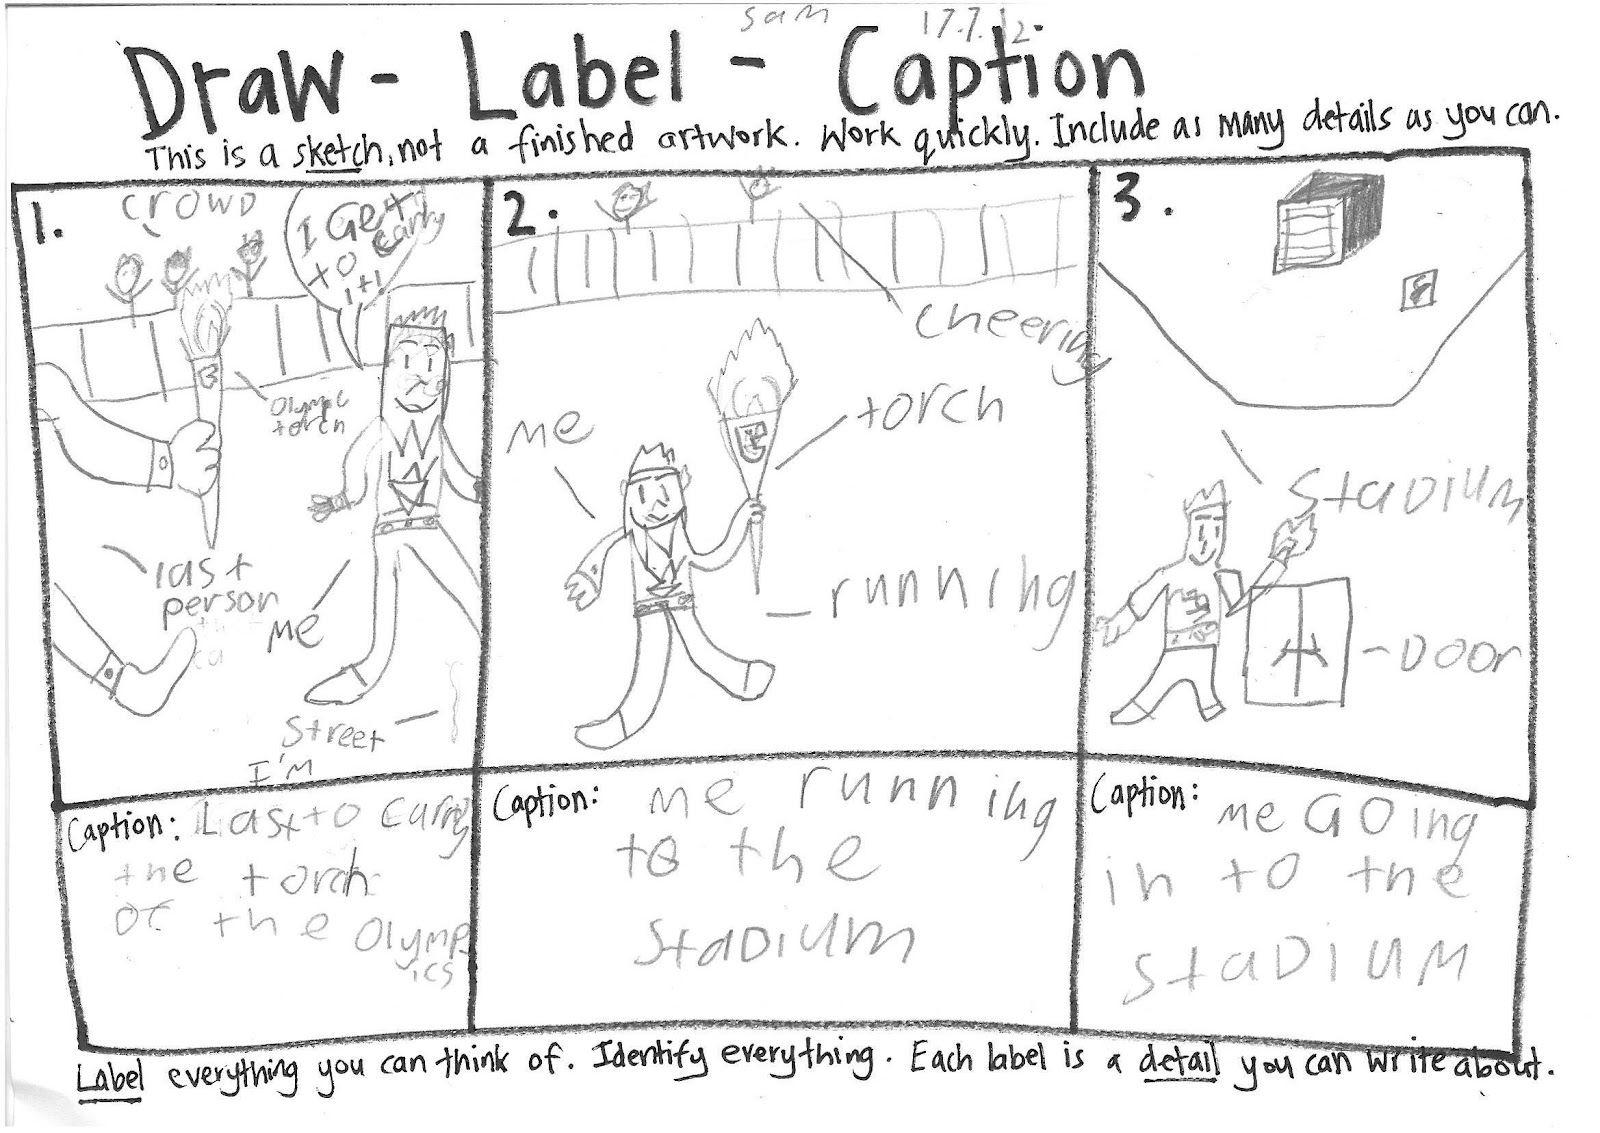 Draw Label Caption